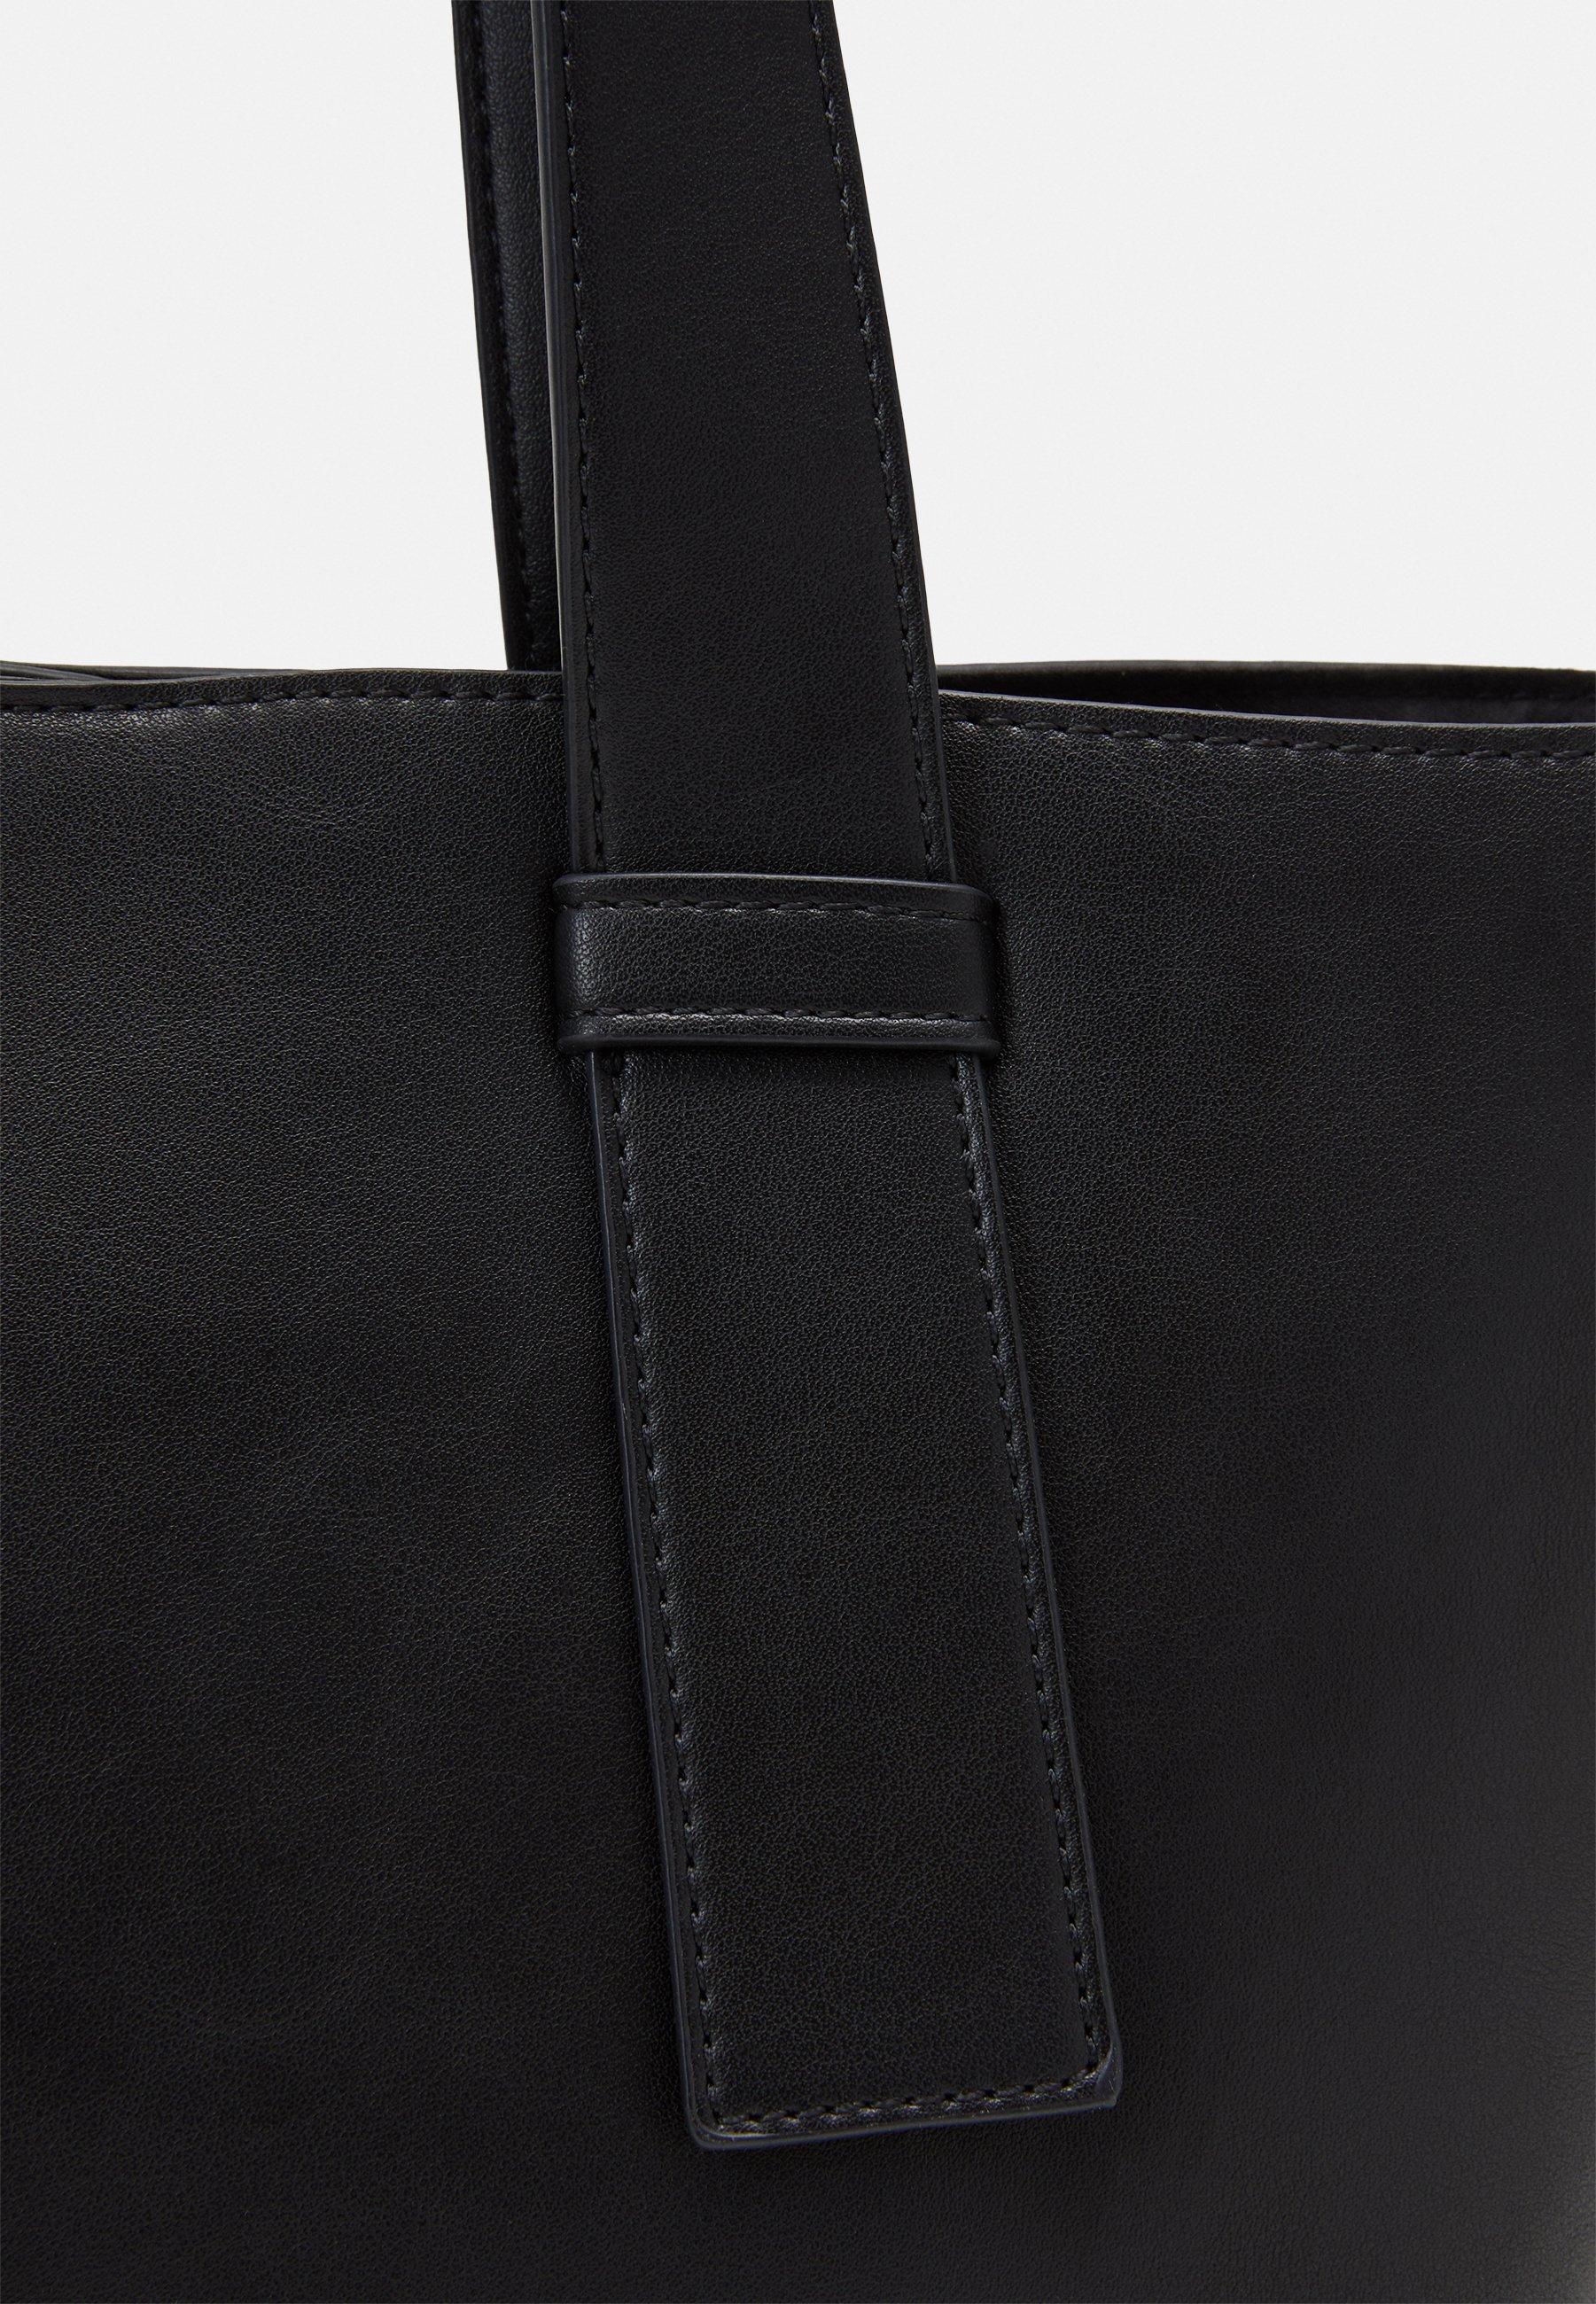 Even&odd Handtasche - Black/schwarz